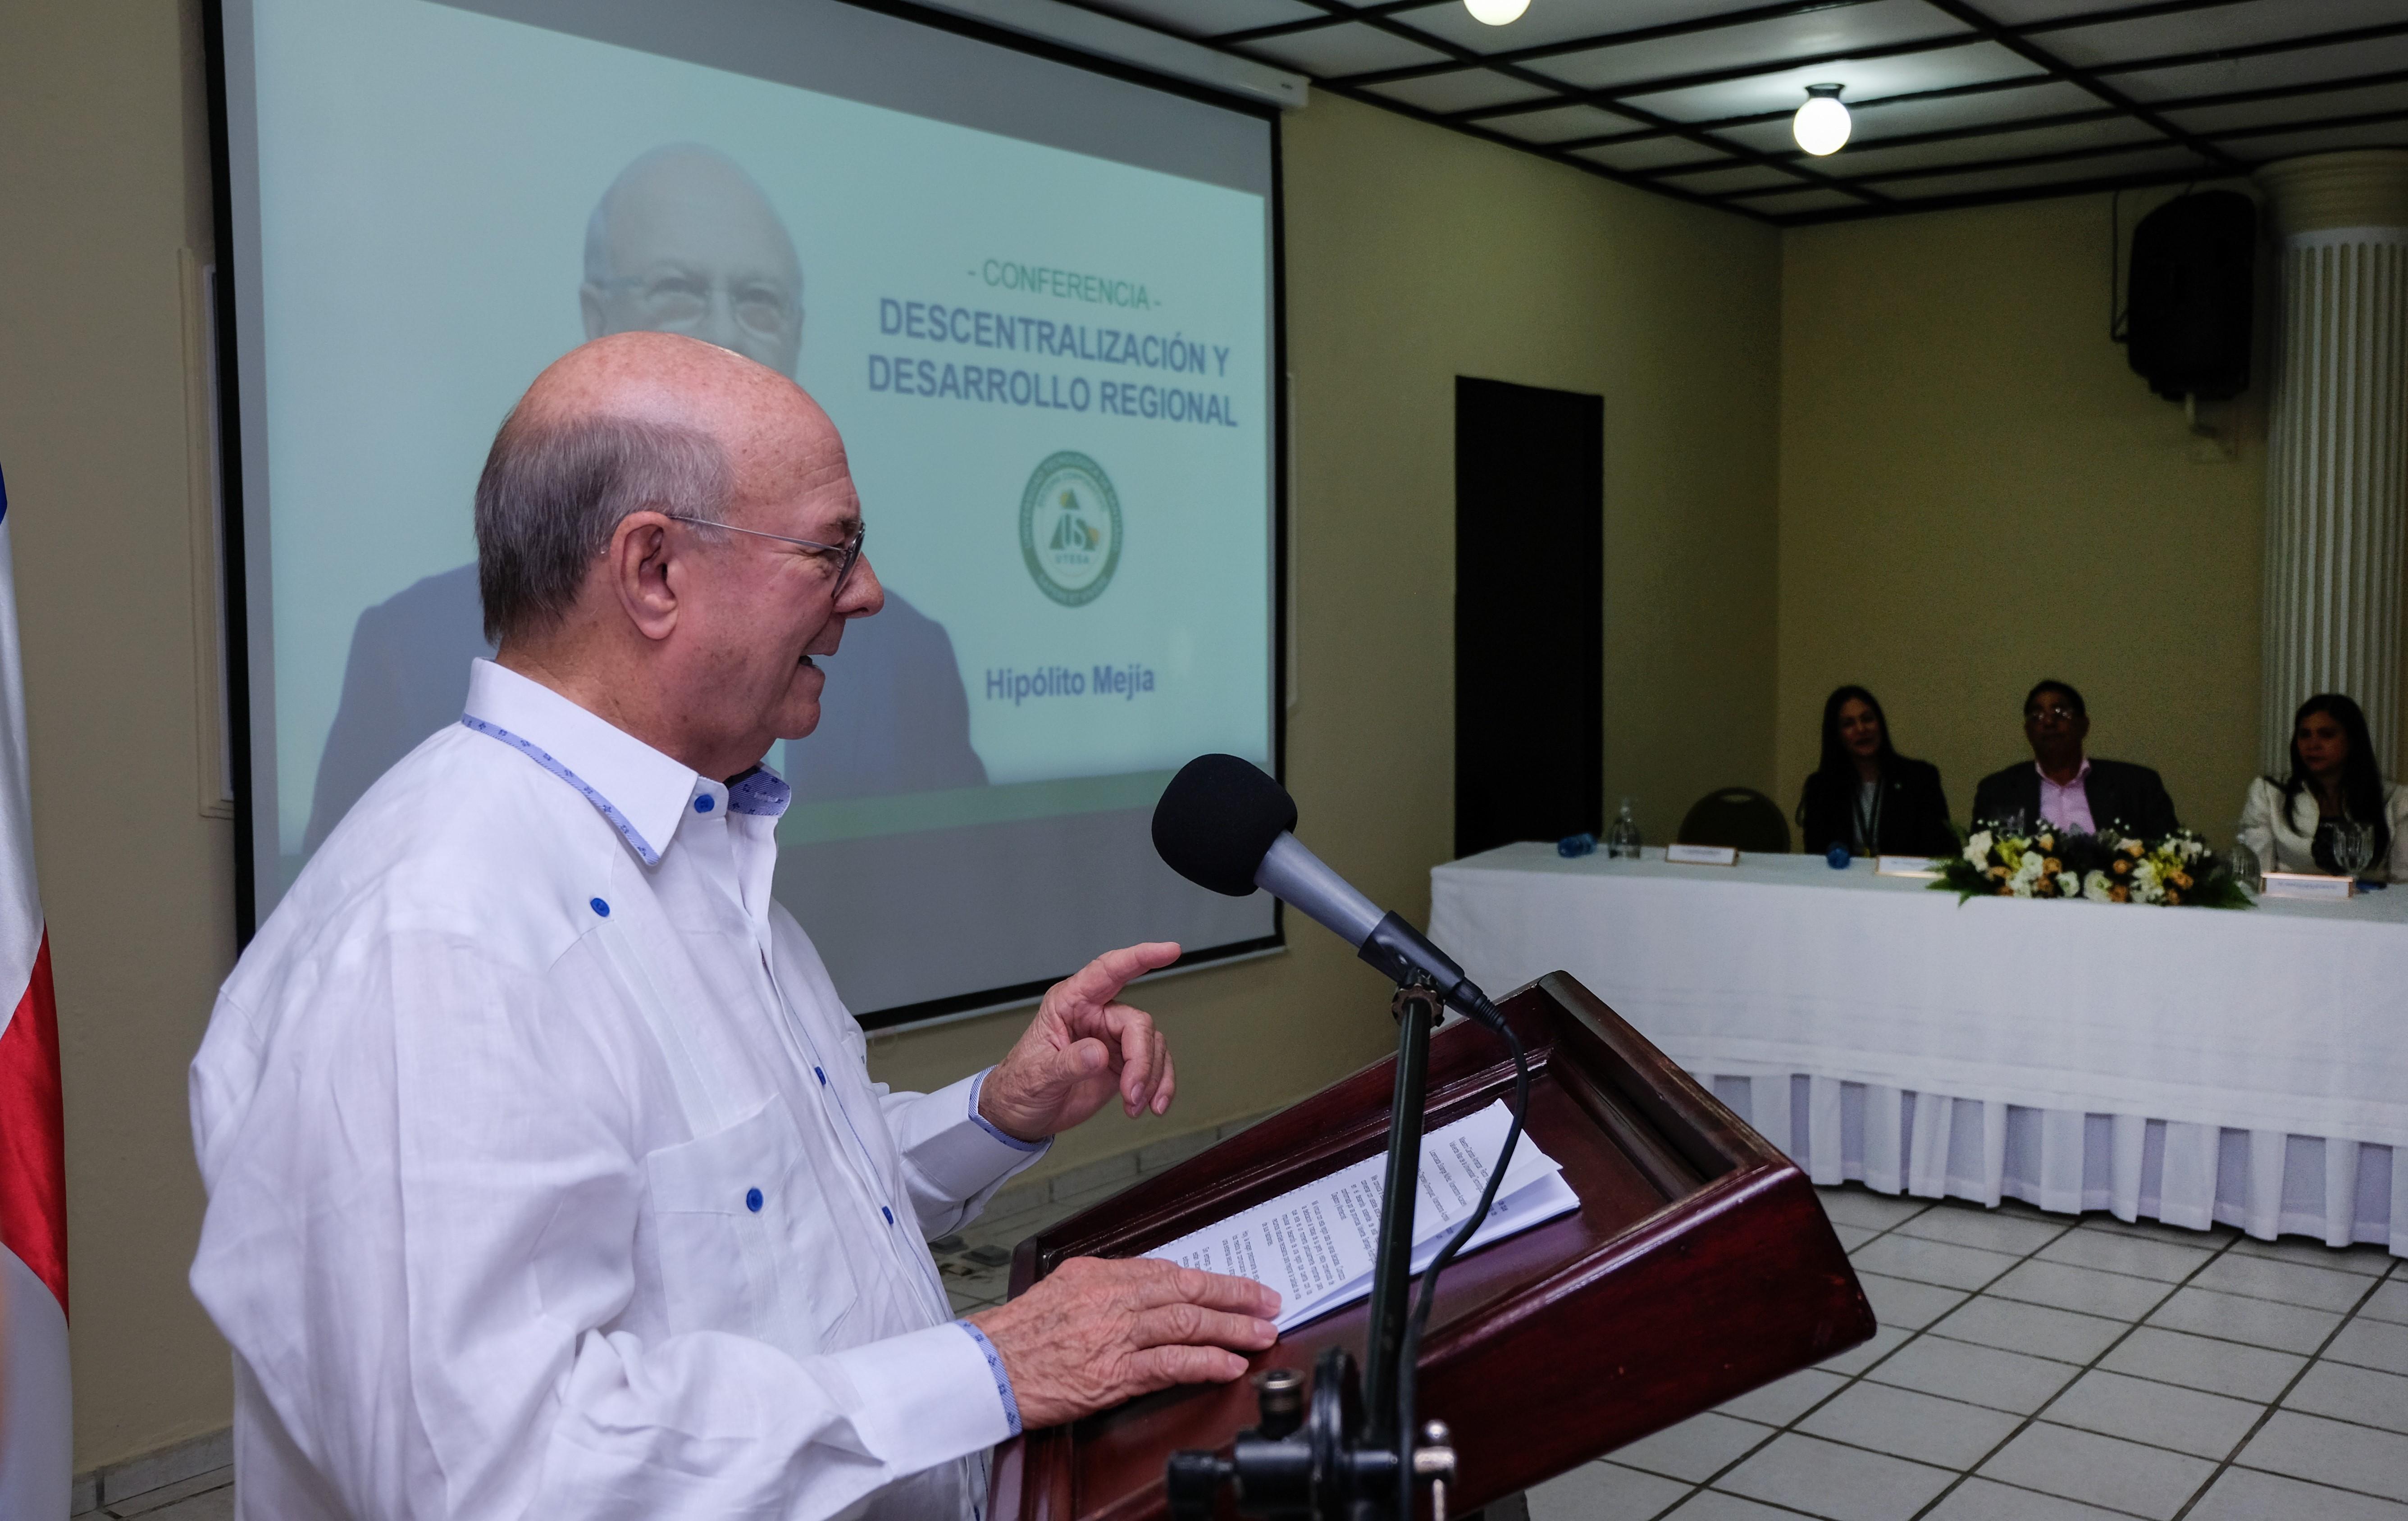 Hipólito Mejía propuse la creación de fuentes de empleos en la Línea Noroeste